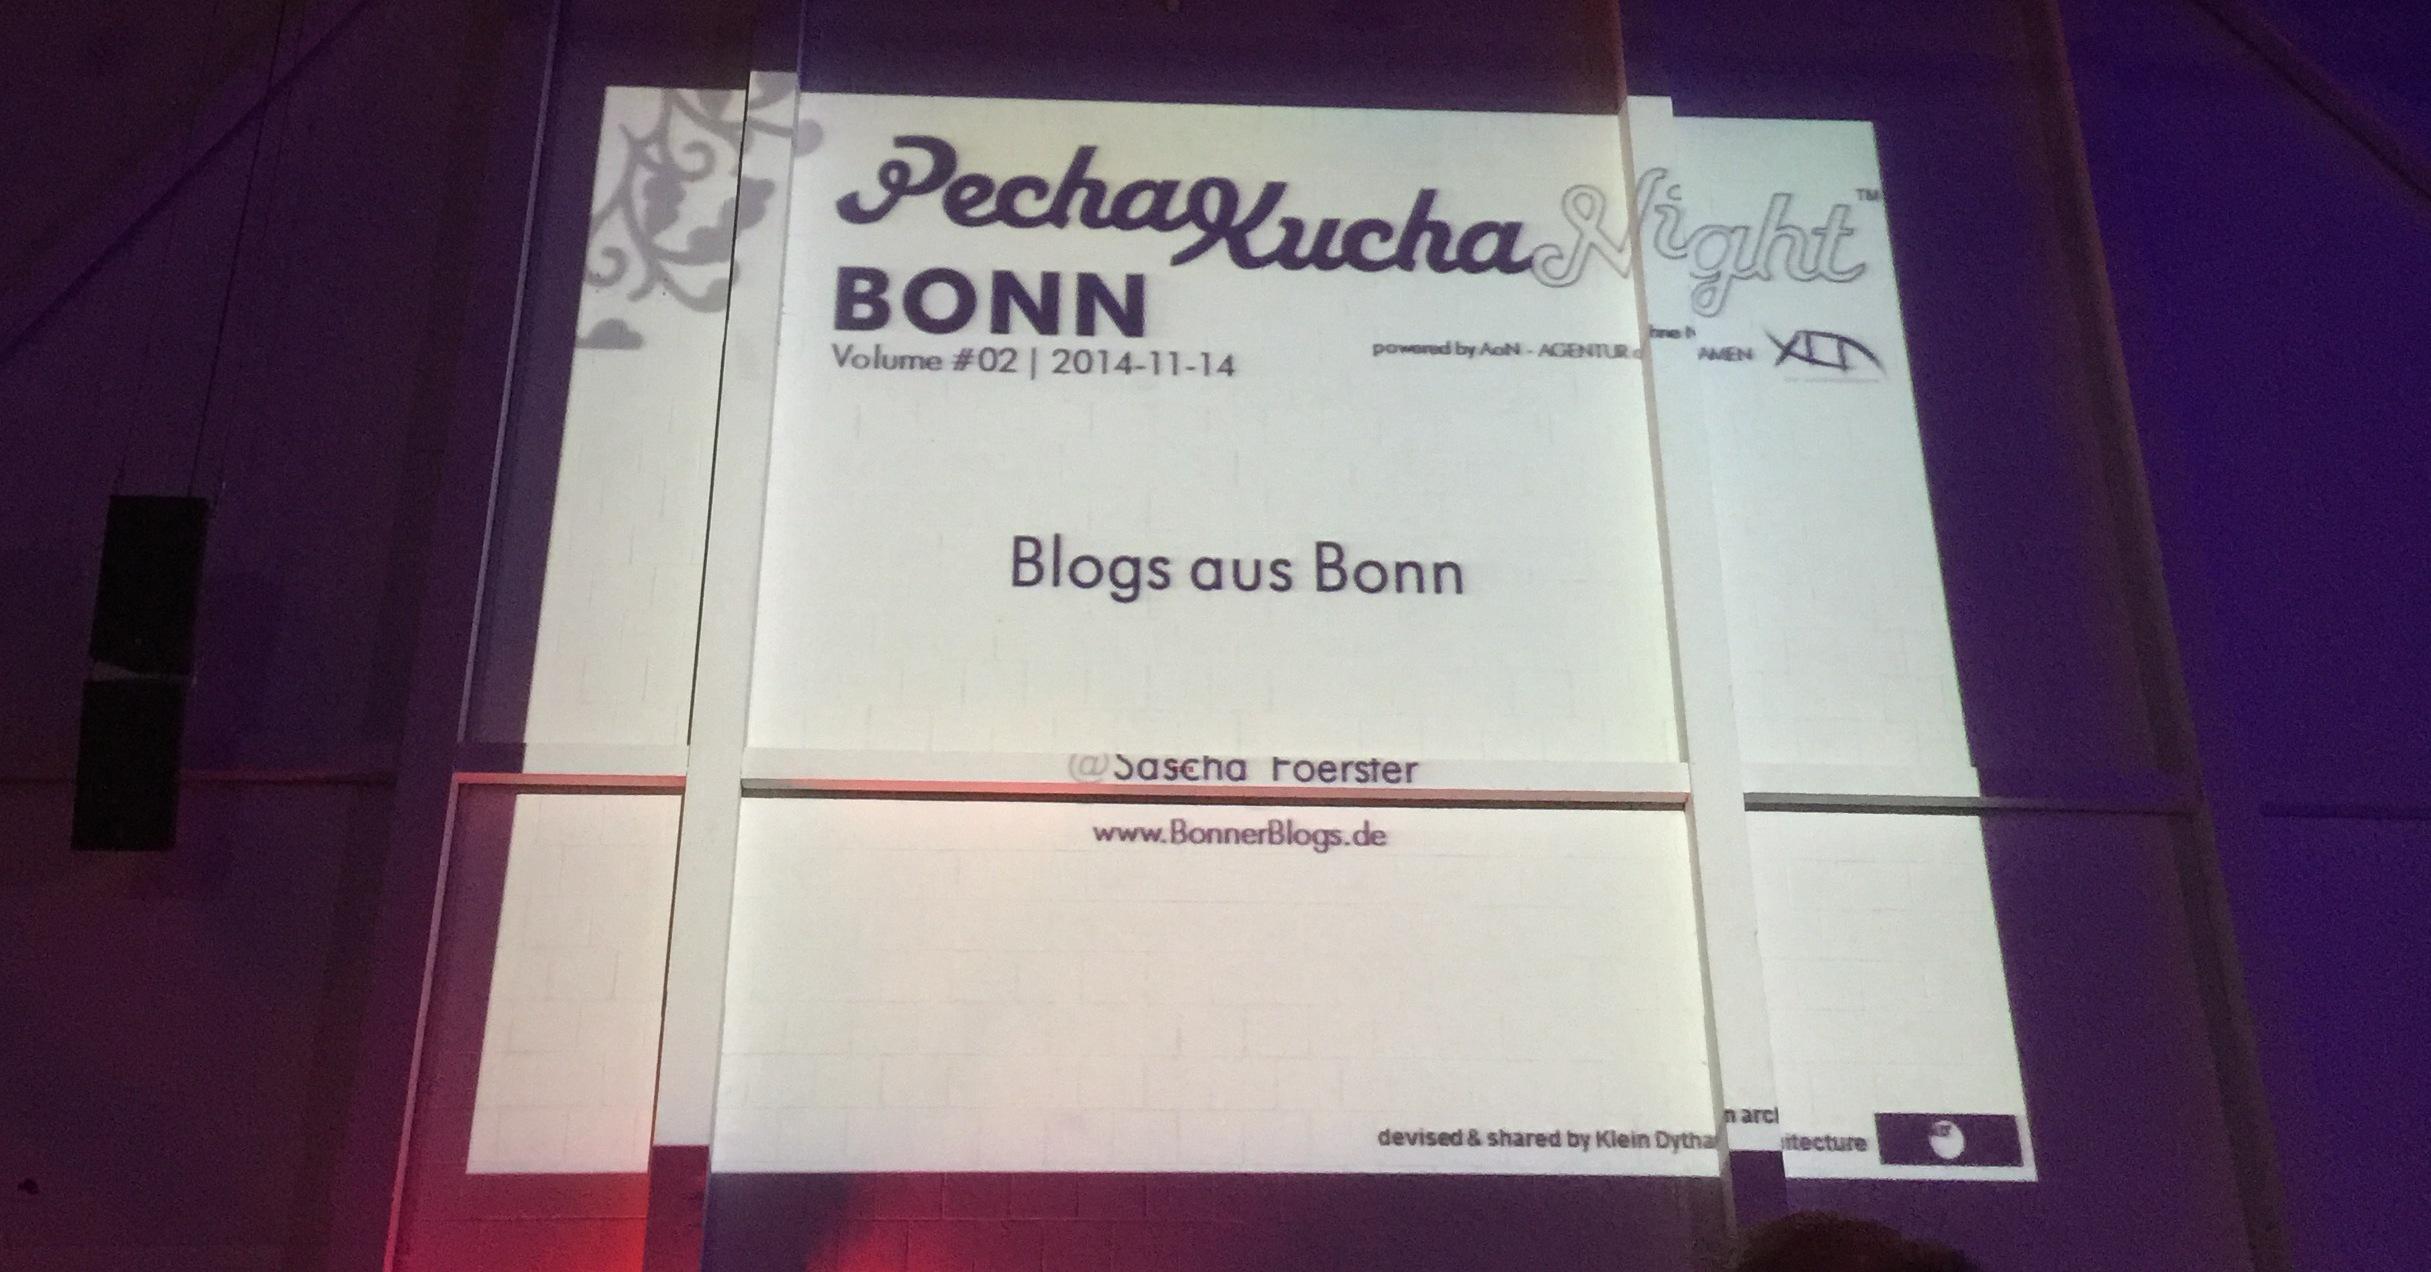 PechaKucha Bonn